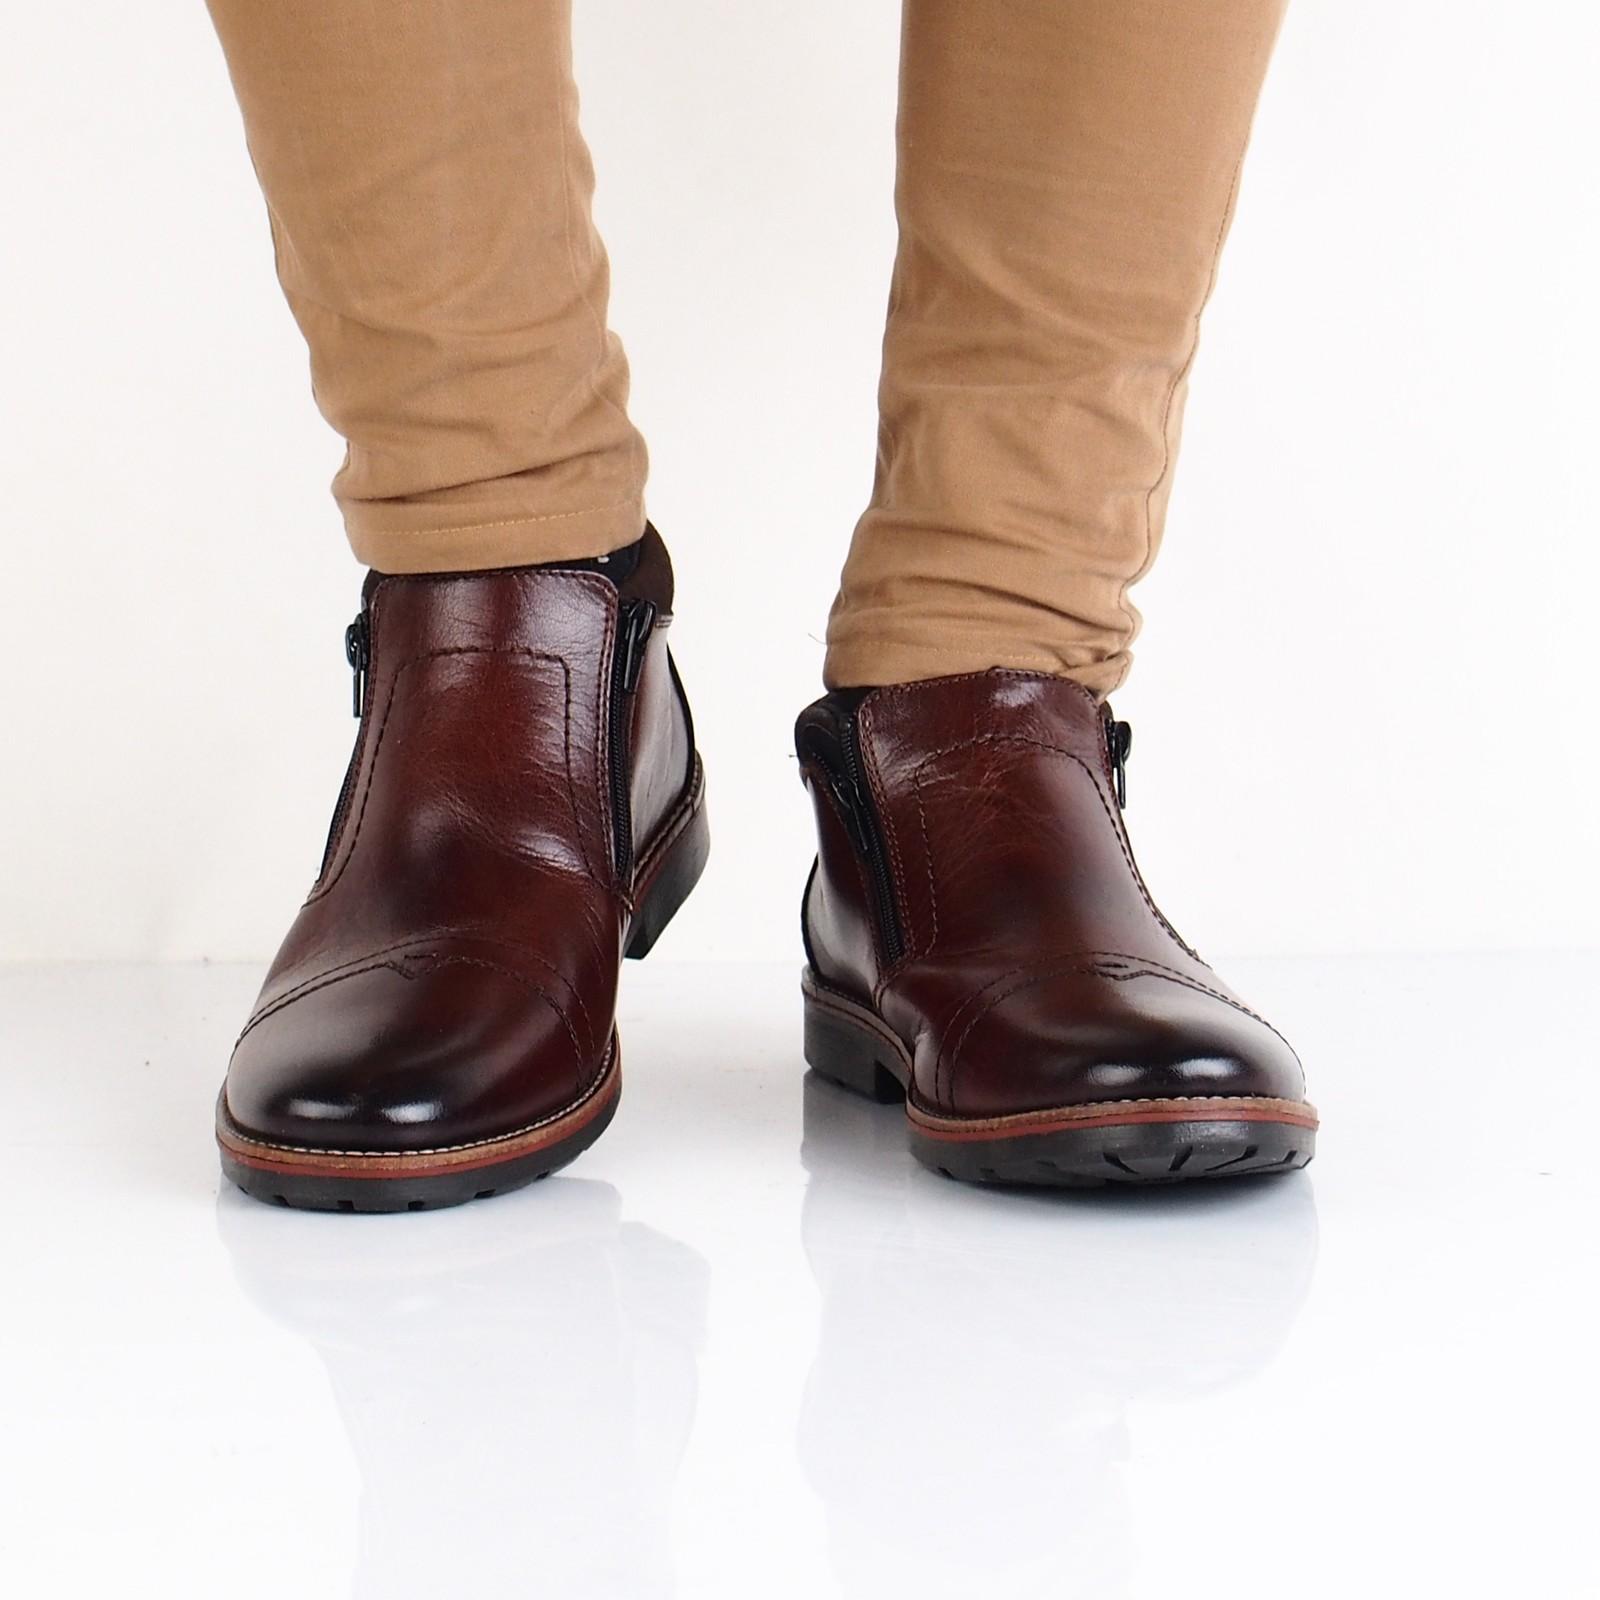 Rieker pánska kožená členková obuv - tmavohnedá